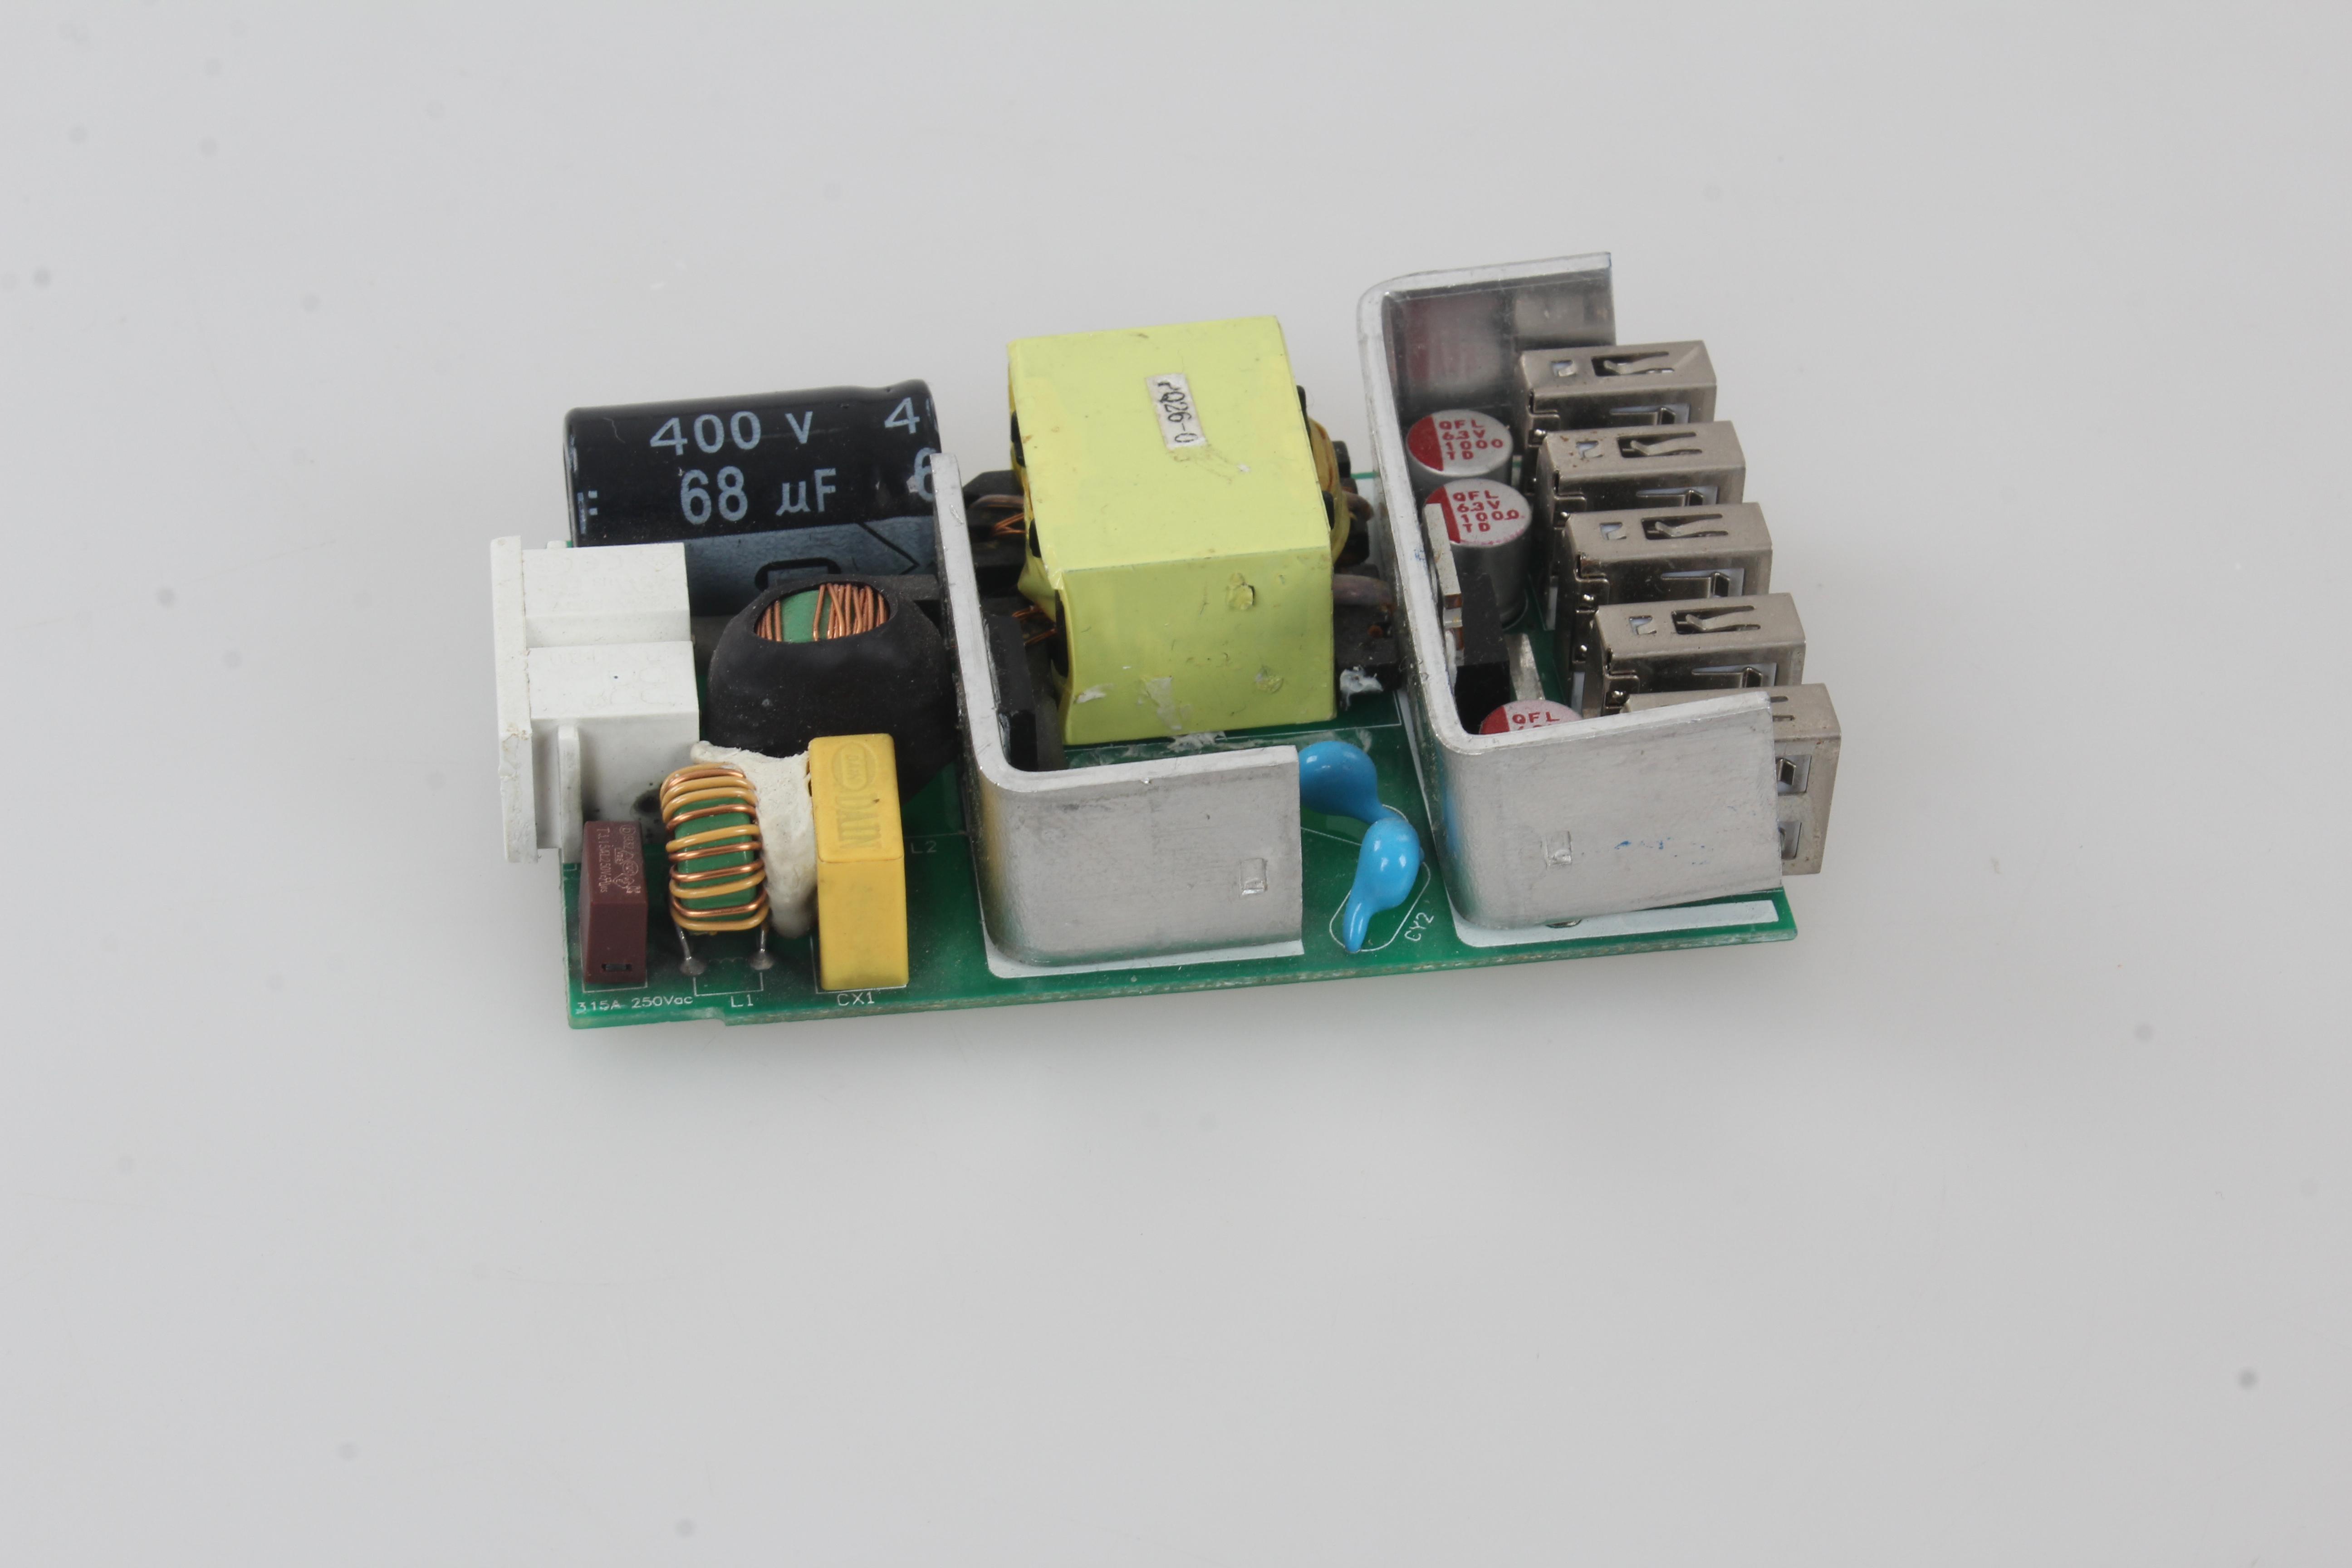 深圳市多口充电源适配器价格 充电源适配器批发 多口适配器厂家